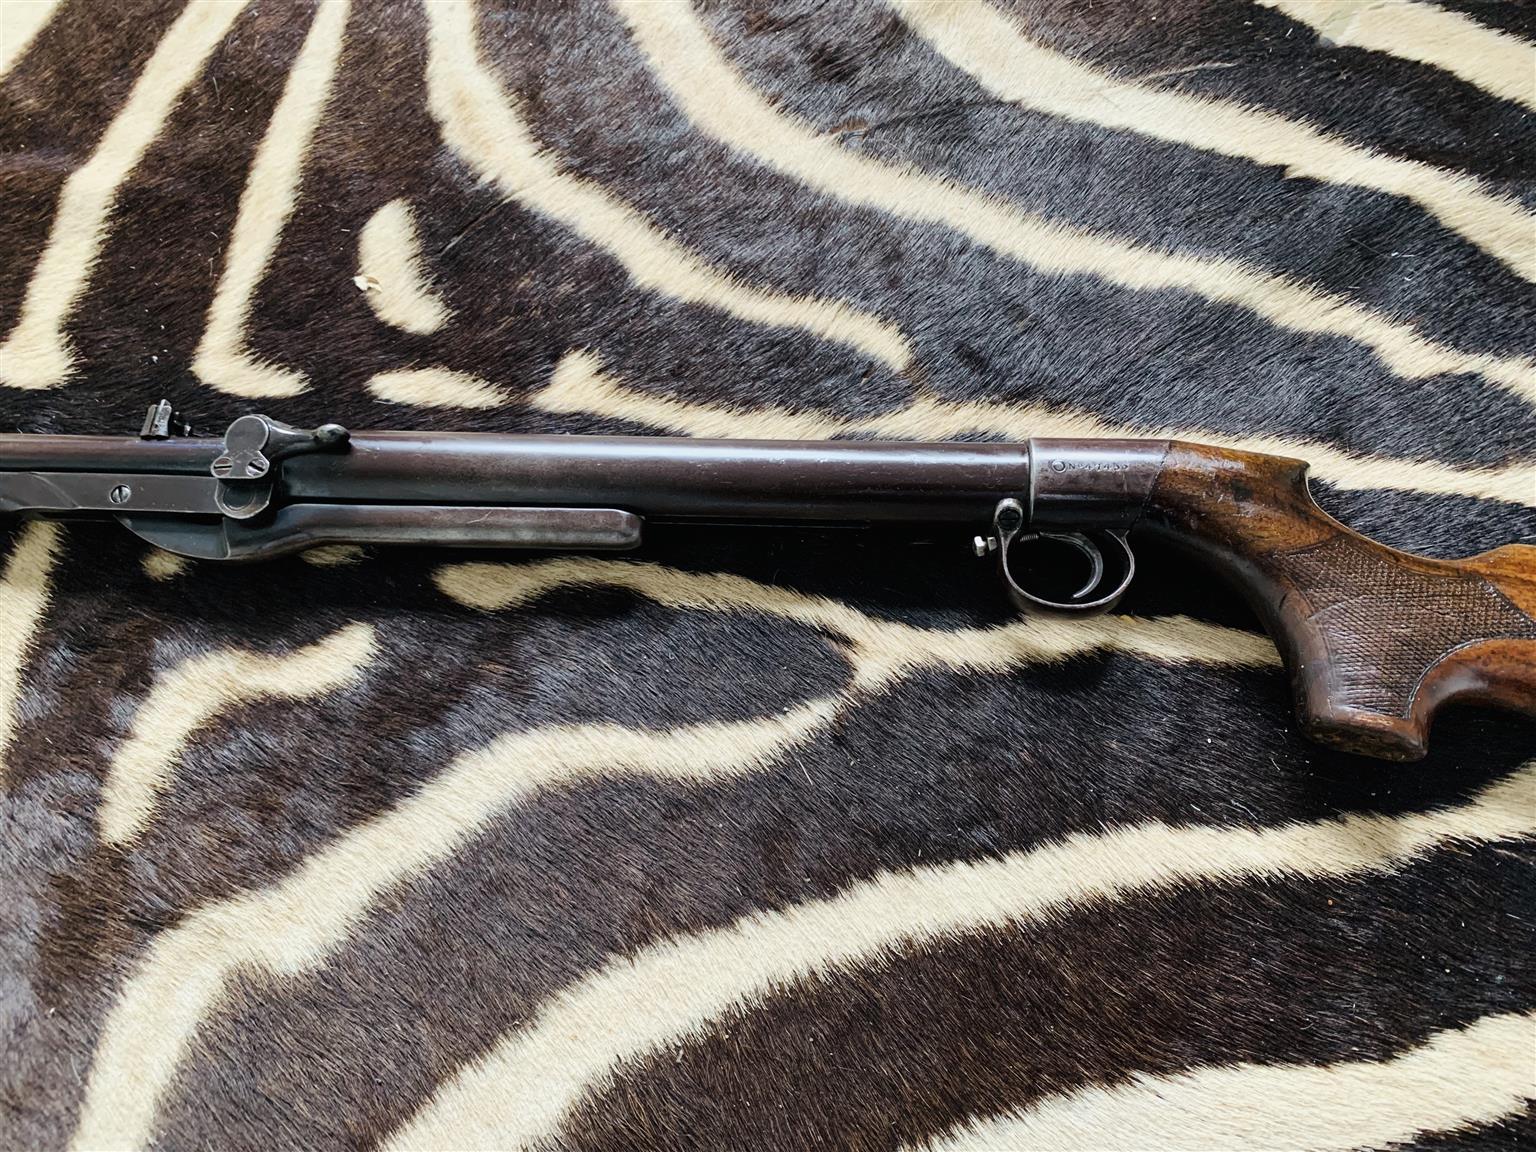 Air rifle Bsa number 2